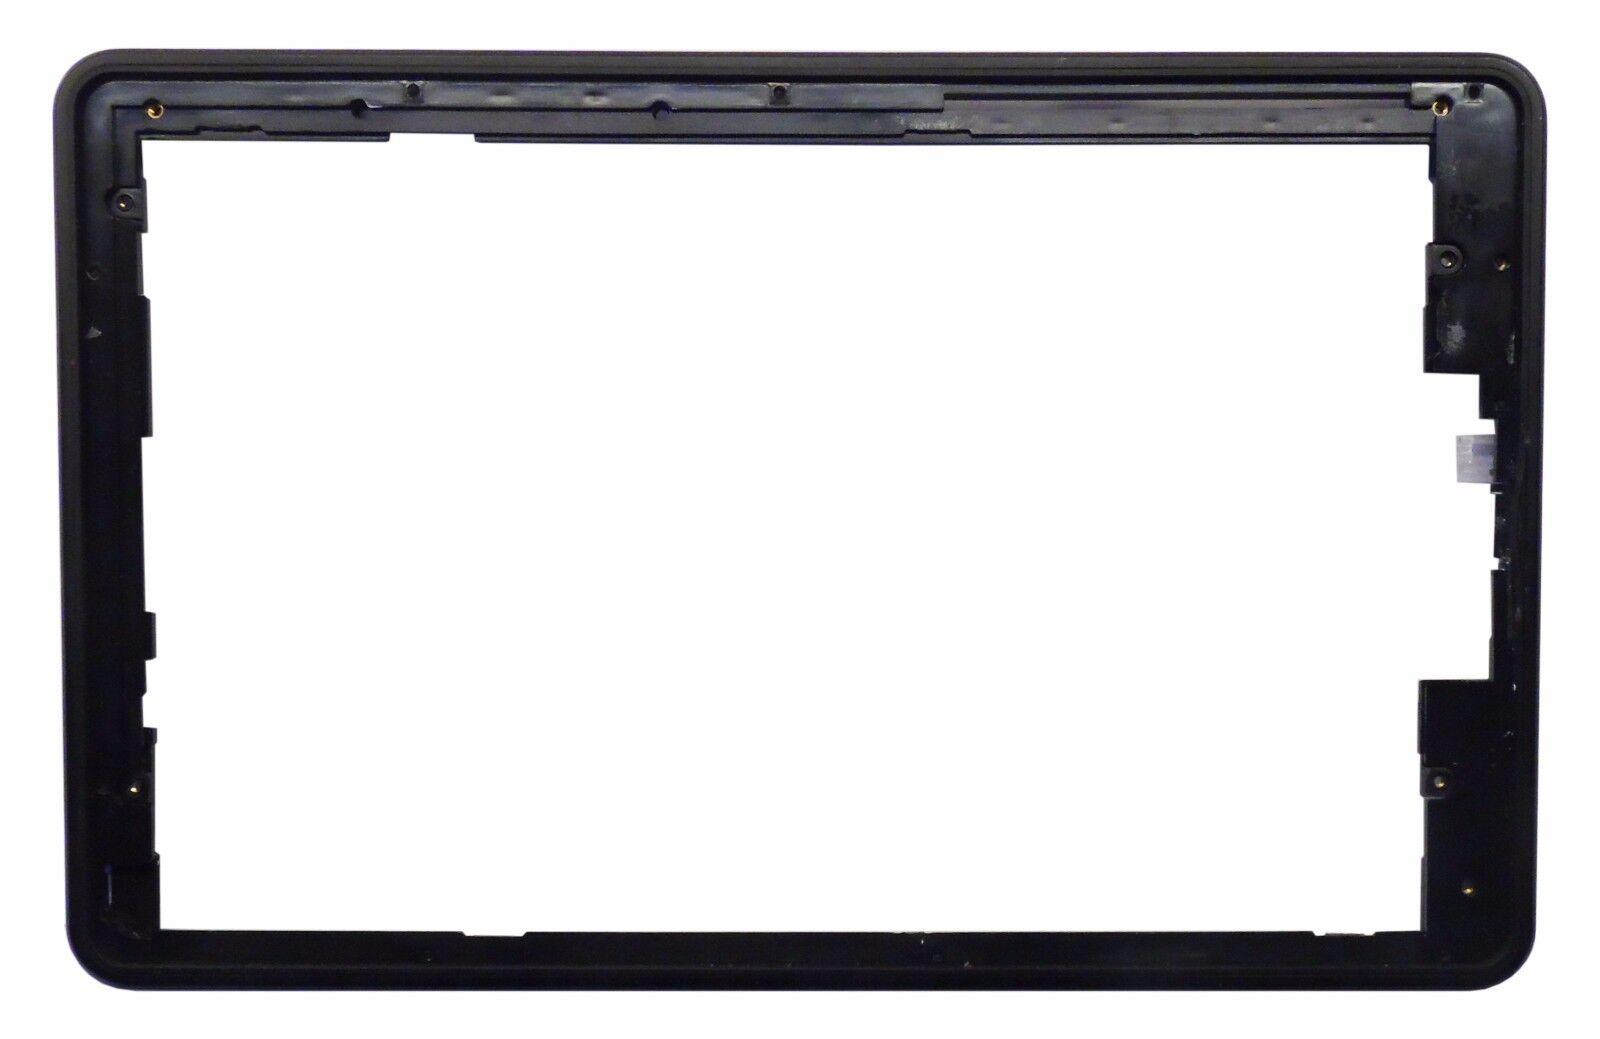 Original amazon kindle d01400 front frame replacement part